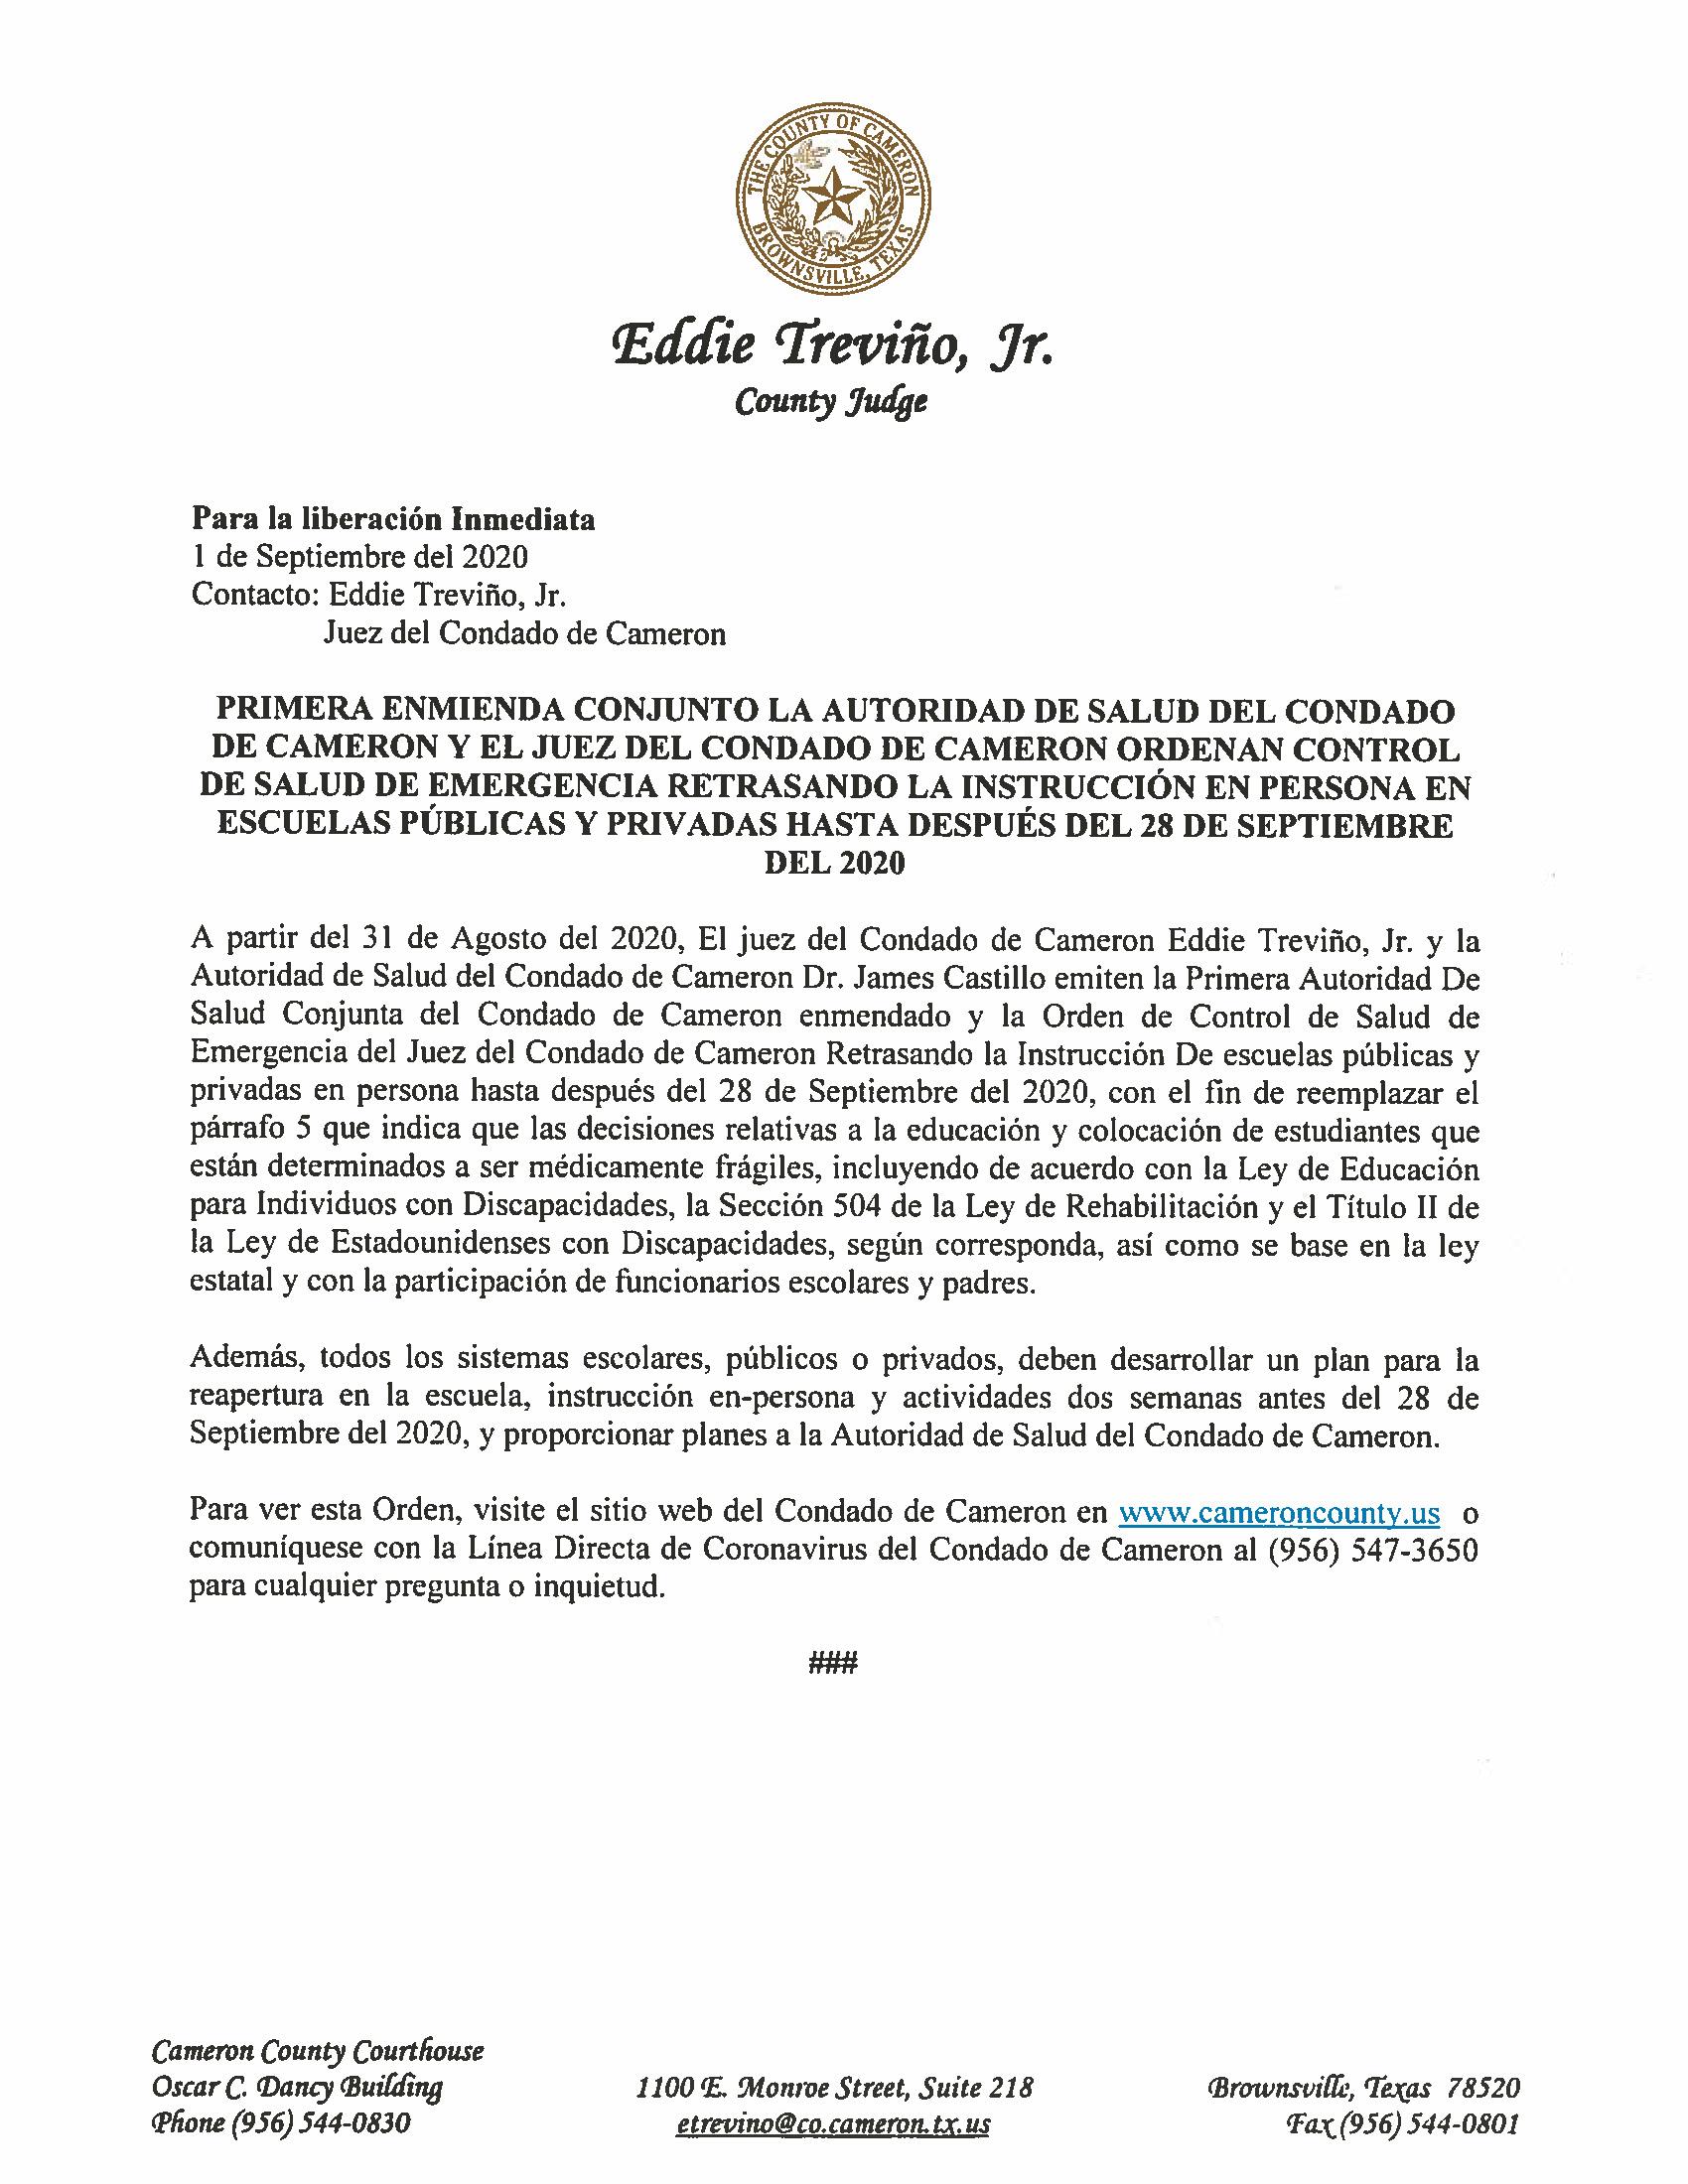 08.31.2020 Para La Liberacion Inmediata Primera Enmienda Conjunto La Autoridad De Salud Del Condado Y El Juez De Condado